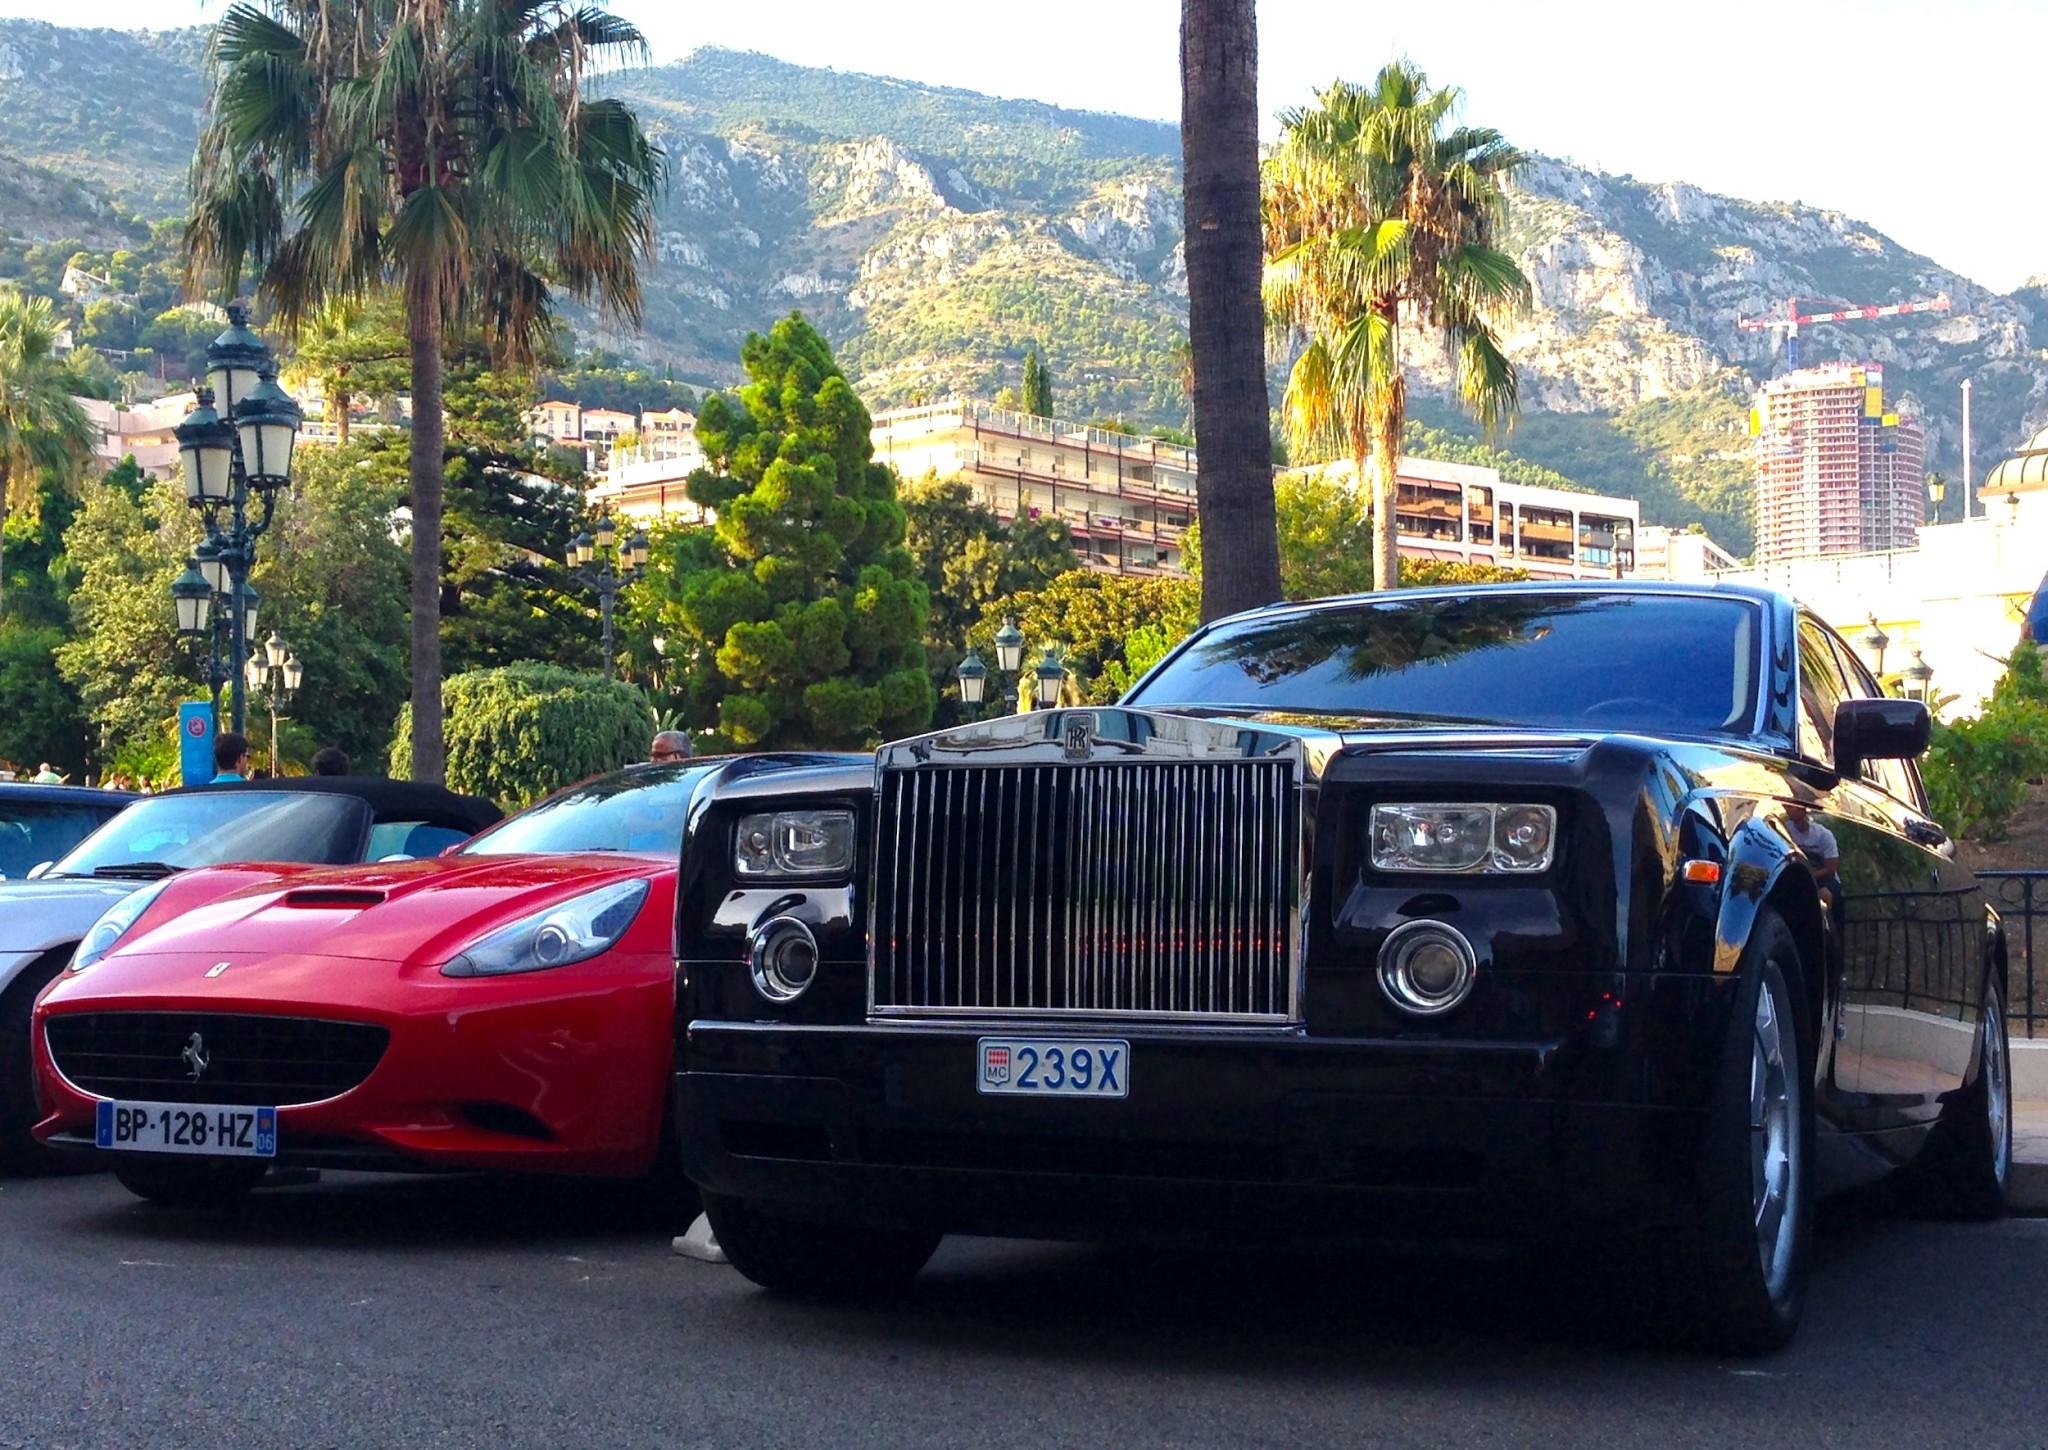 cars in monaco